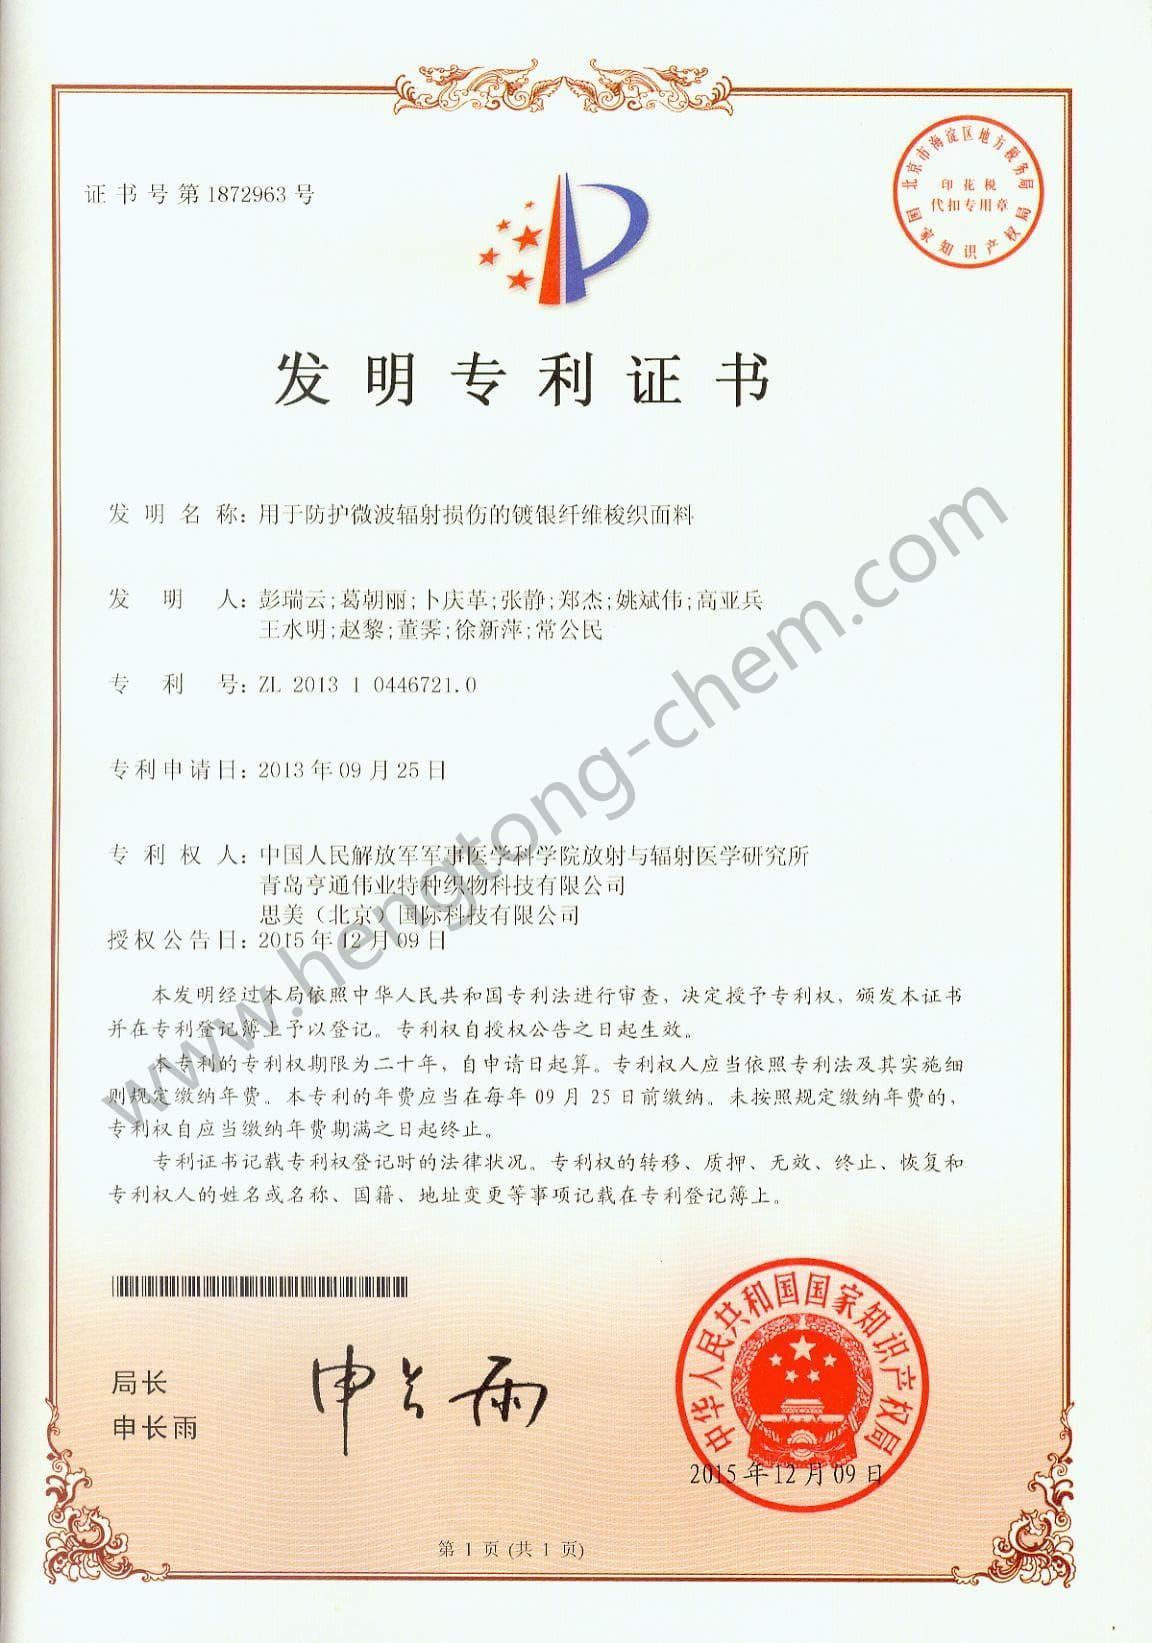 军工发明专利 用于防护微波辐射损伤的镀银纤维梭织面料